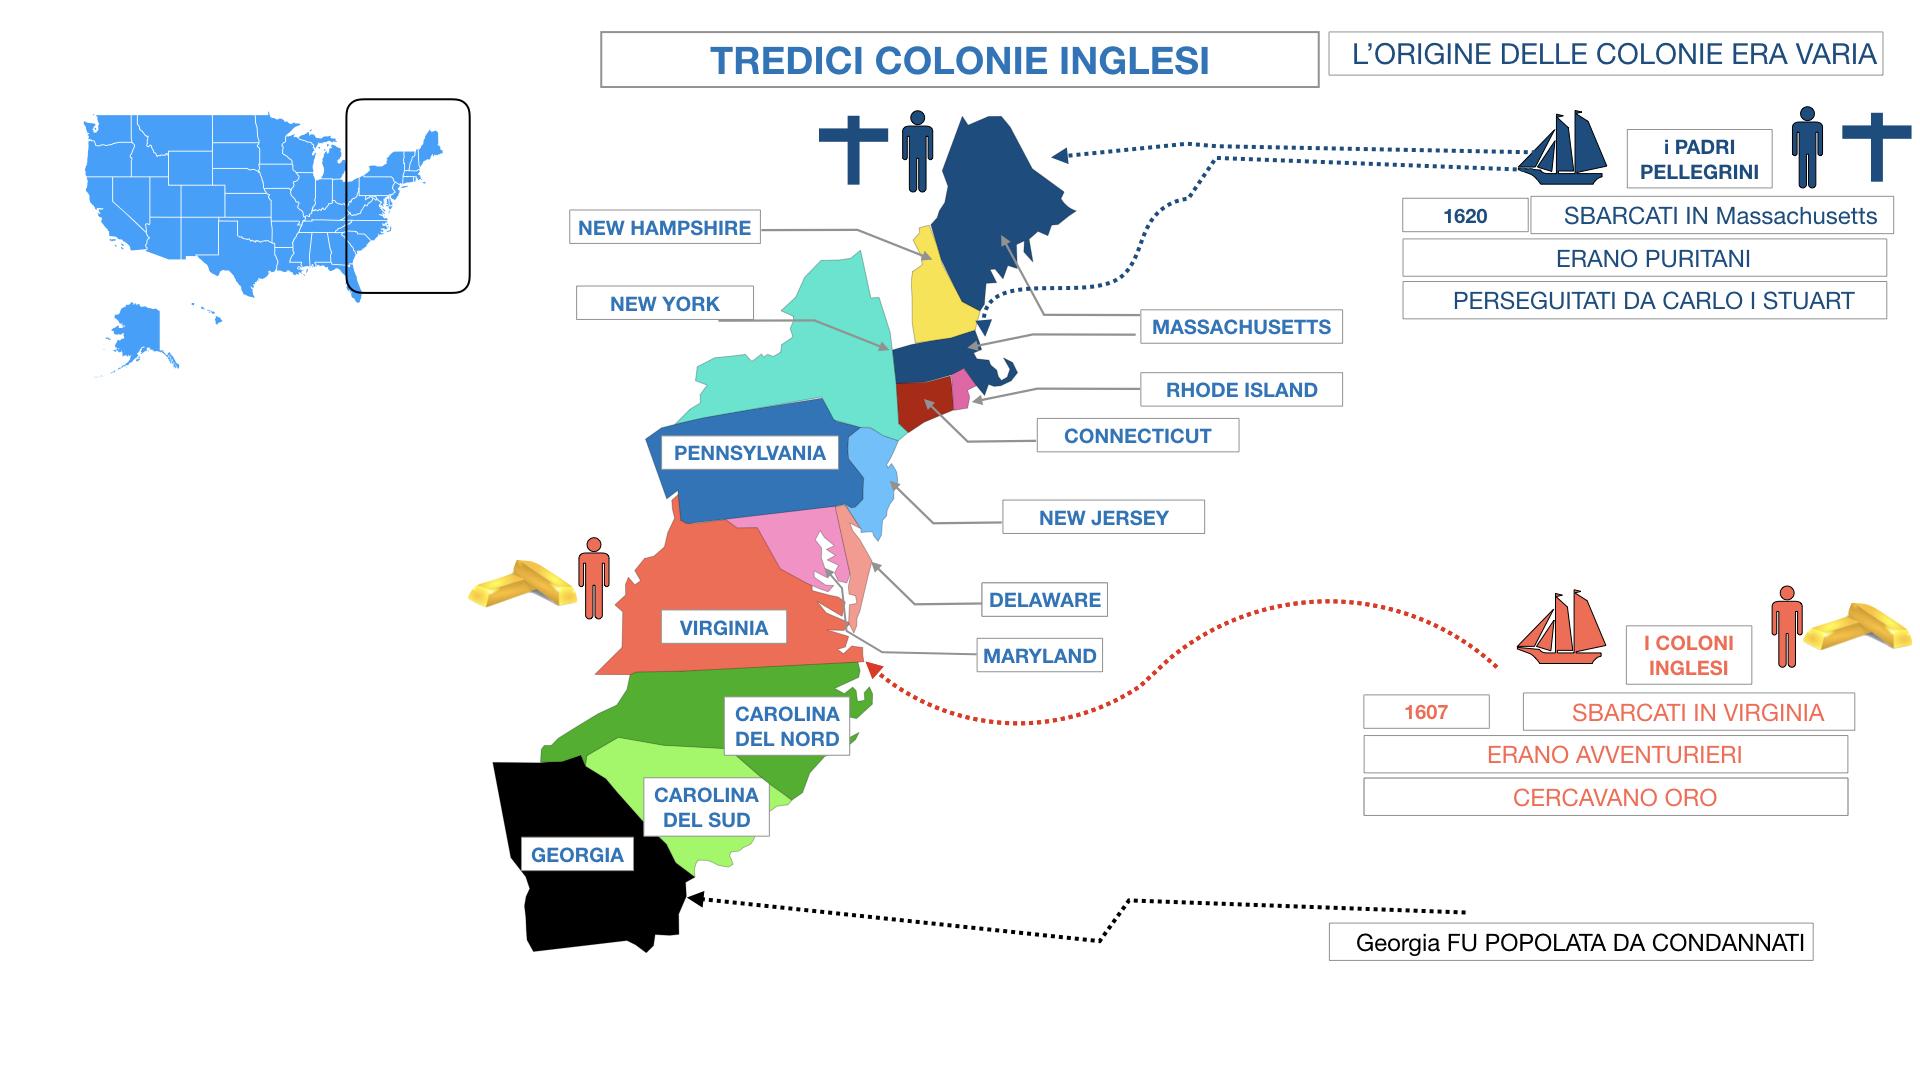 AMERICA LE TREDICI COLONIE INGLESI SIMULAZIONE.052